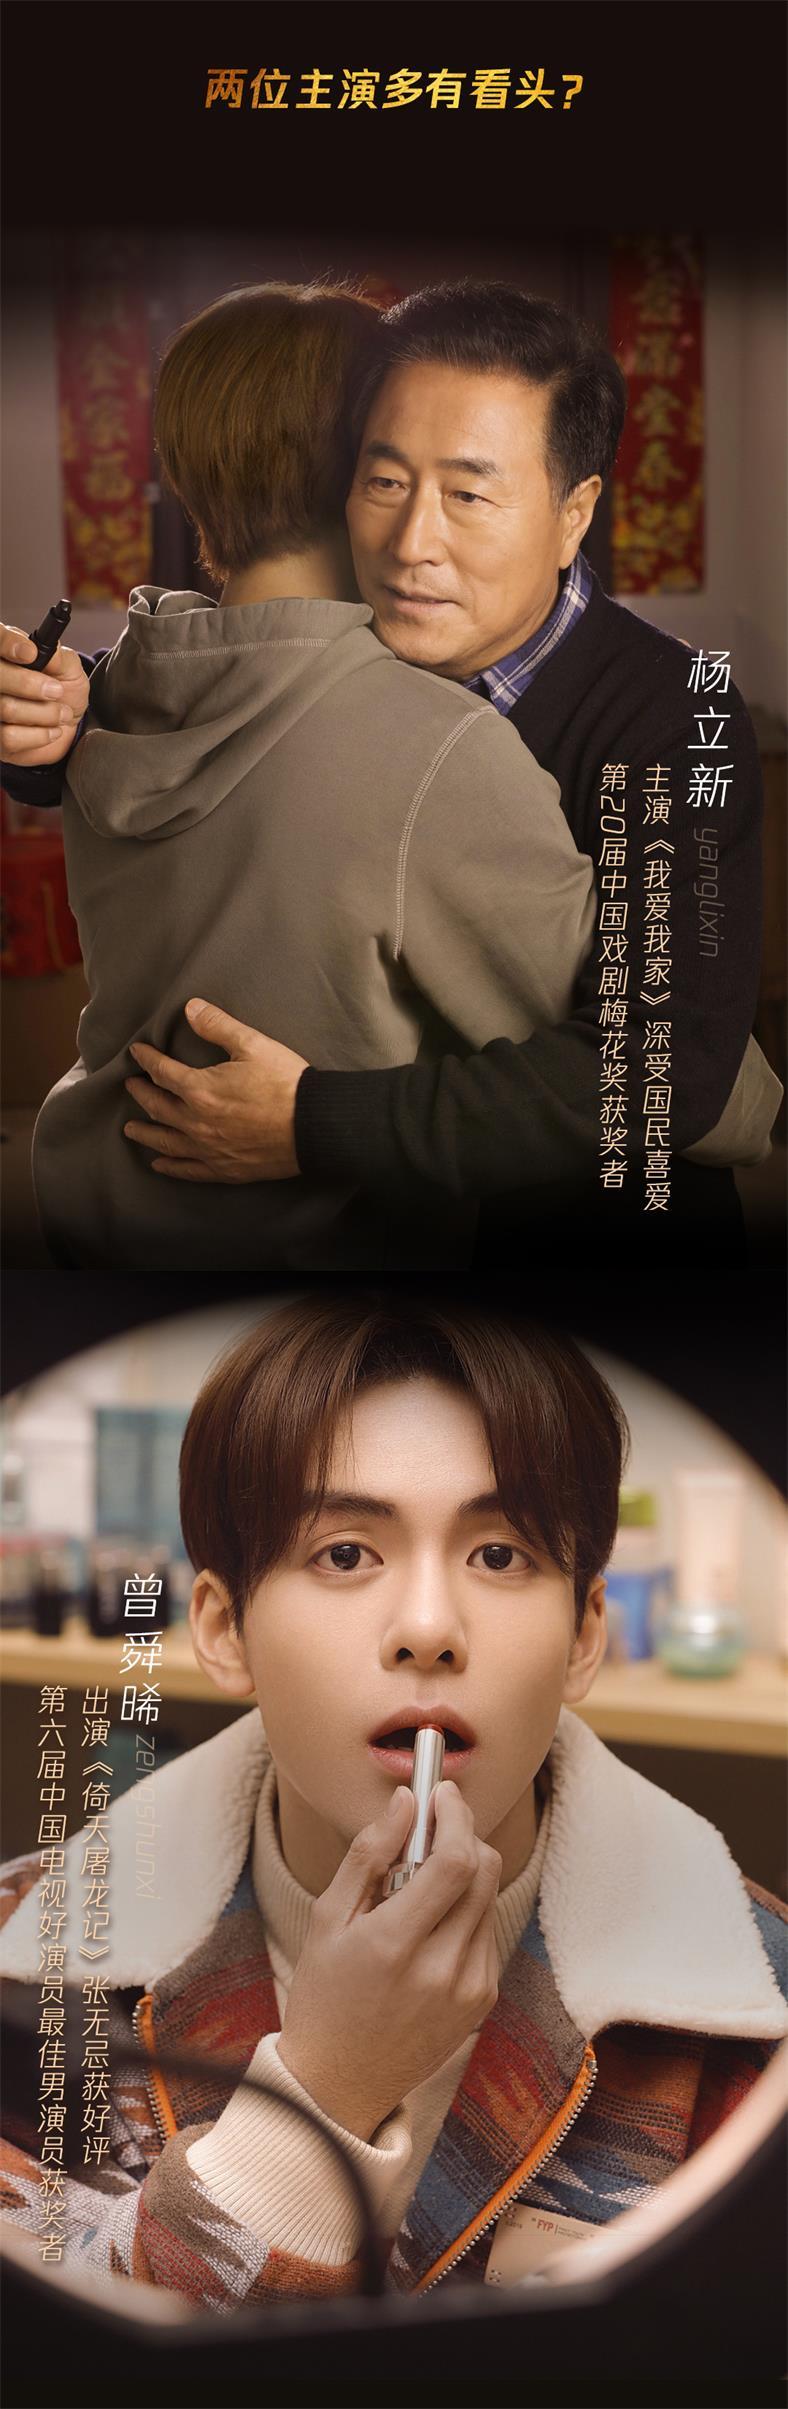 腾讯棋牌2020新春微电影《三十》预告片抢先看,心里的话、牌局上说